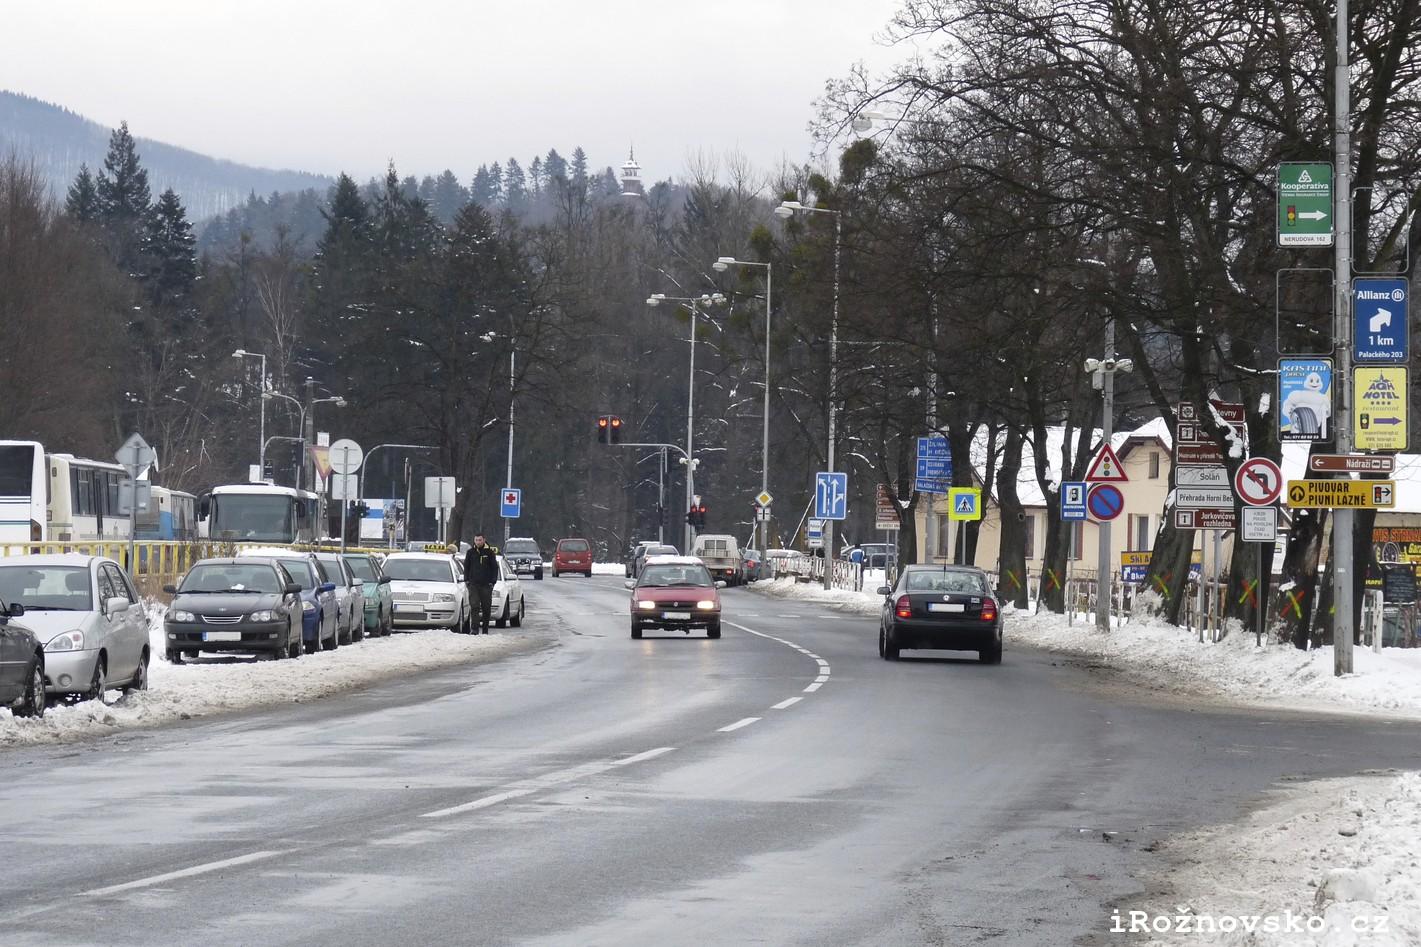 Rekonstrukce hlavního silničního tahu přes Rožnov začne v dubnu